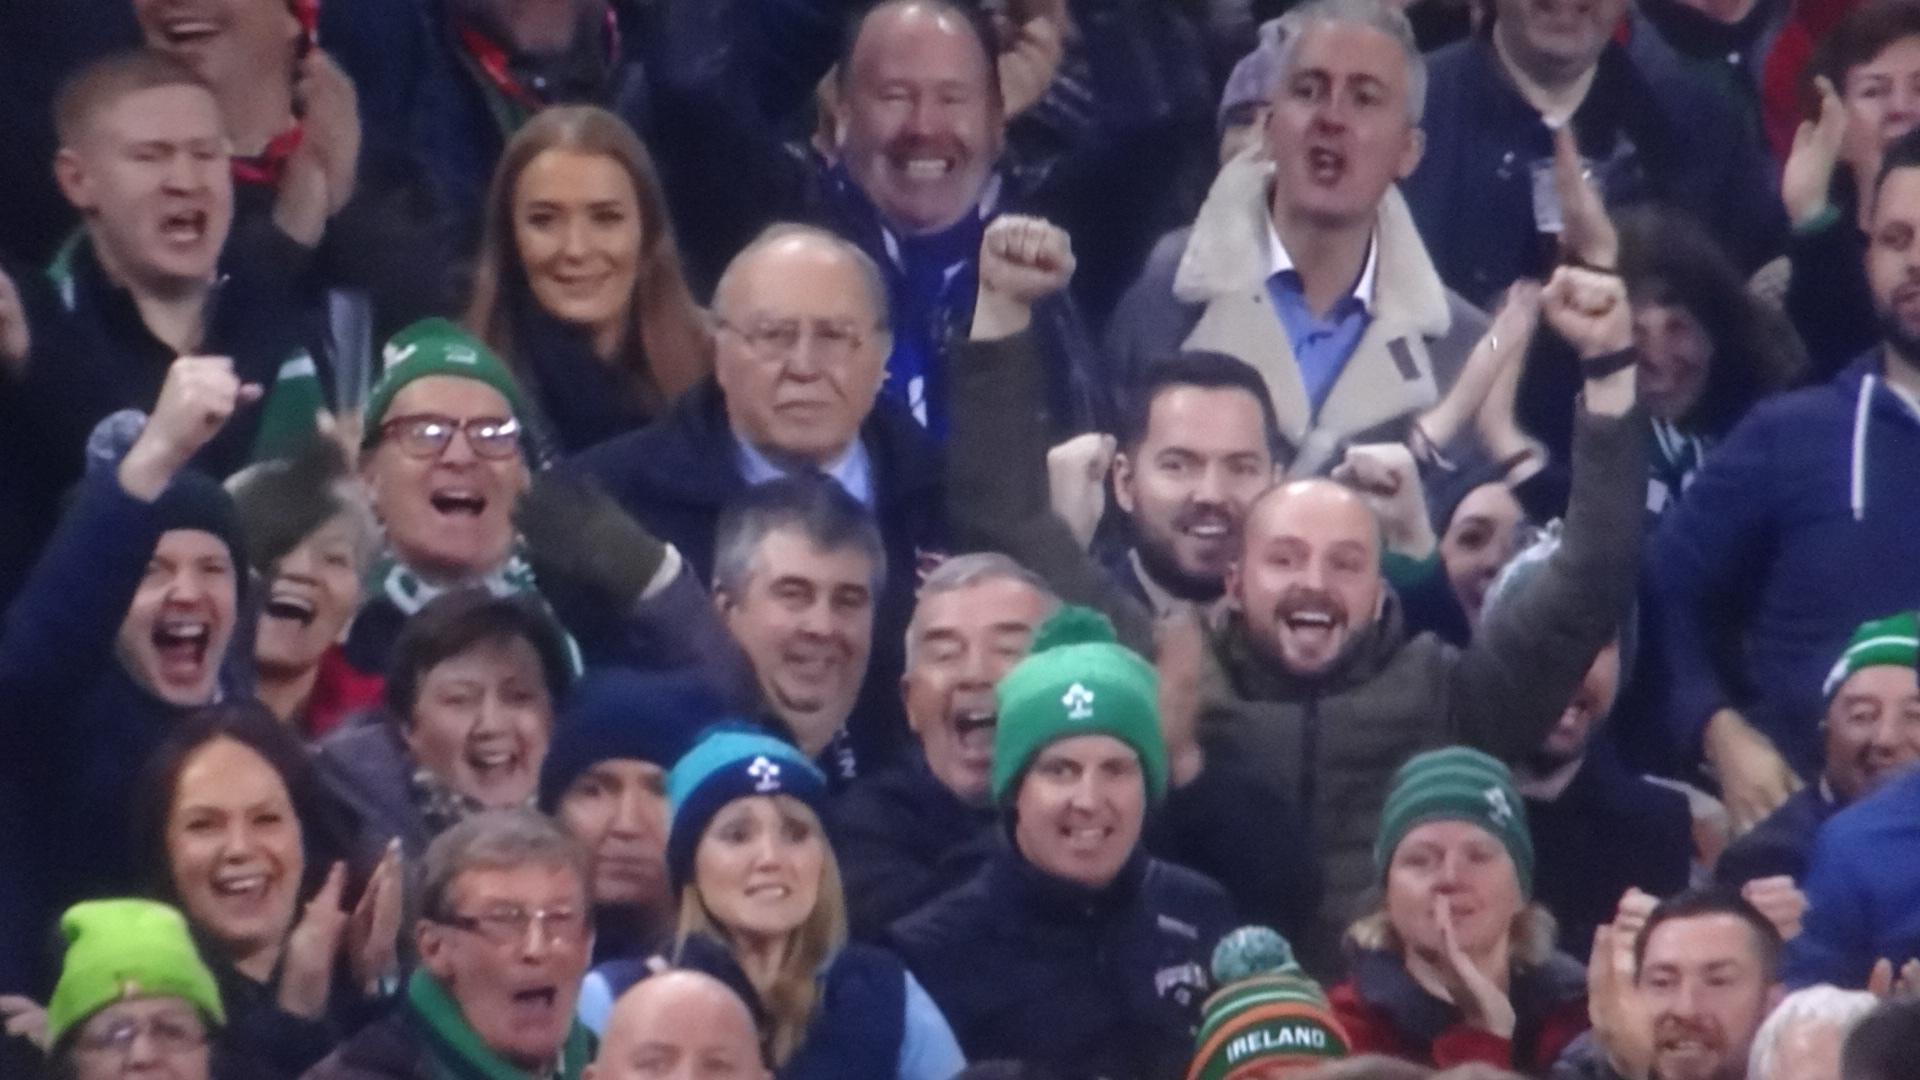 大喜びのアイルランドの応援団3